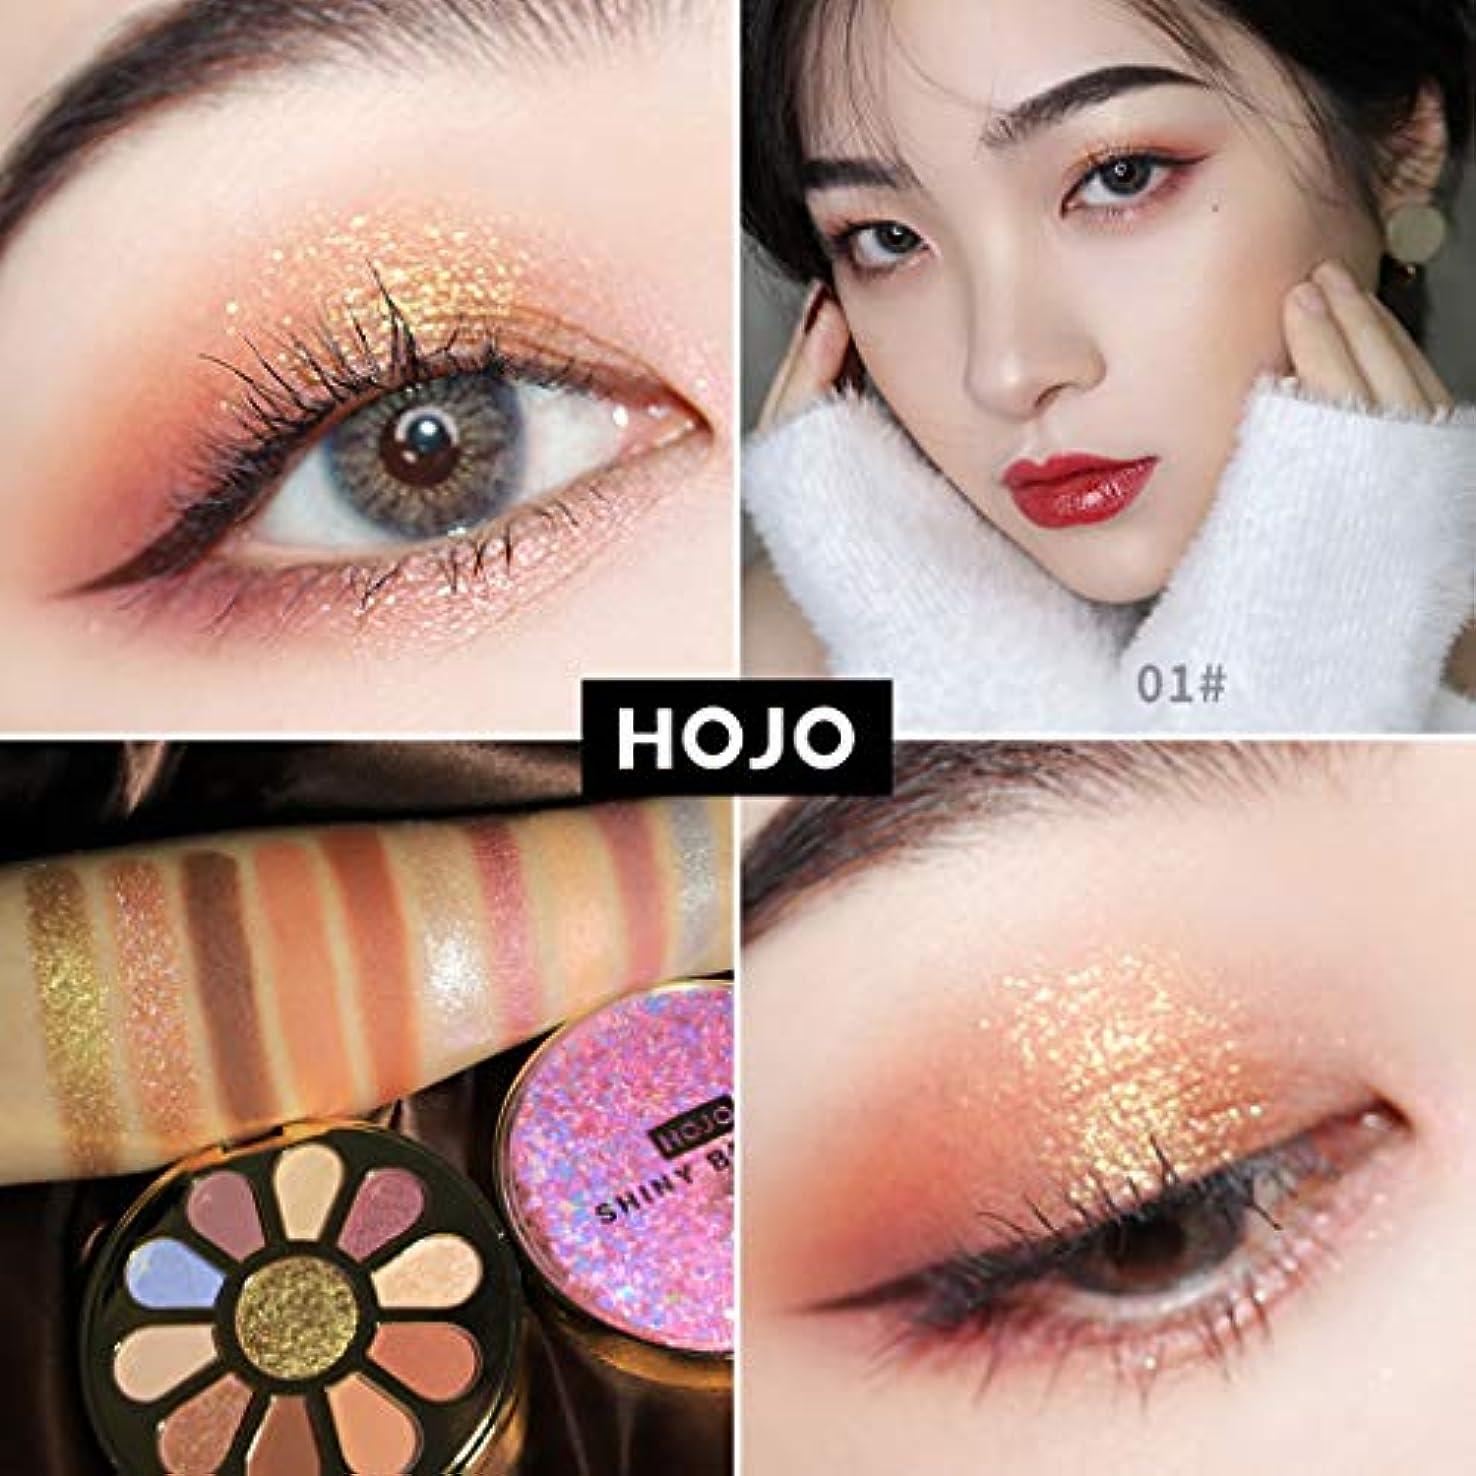 厳しい尊敬アラートAkane アイシャドウパレット HOJO ファッション 魅力的 高級 美しい 優雅な 花 綺麗 キラキラ 素敵 持ち便利 日常 Eye Shadow (11色) 8031